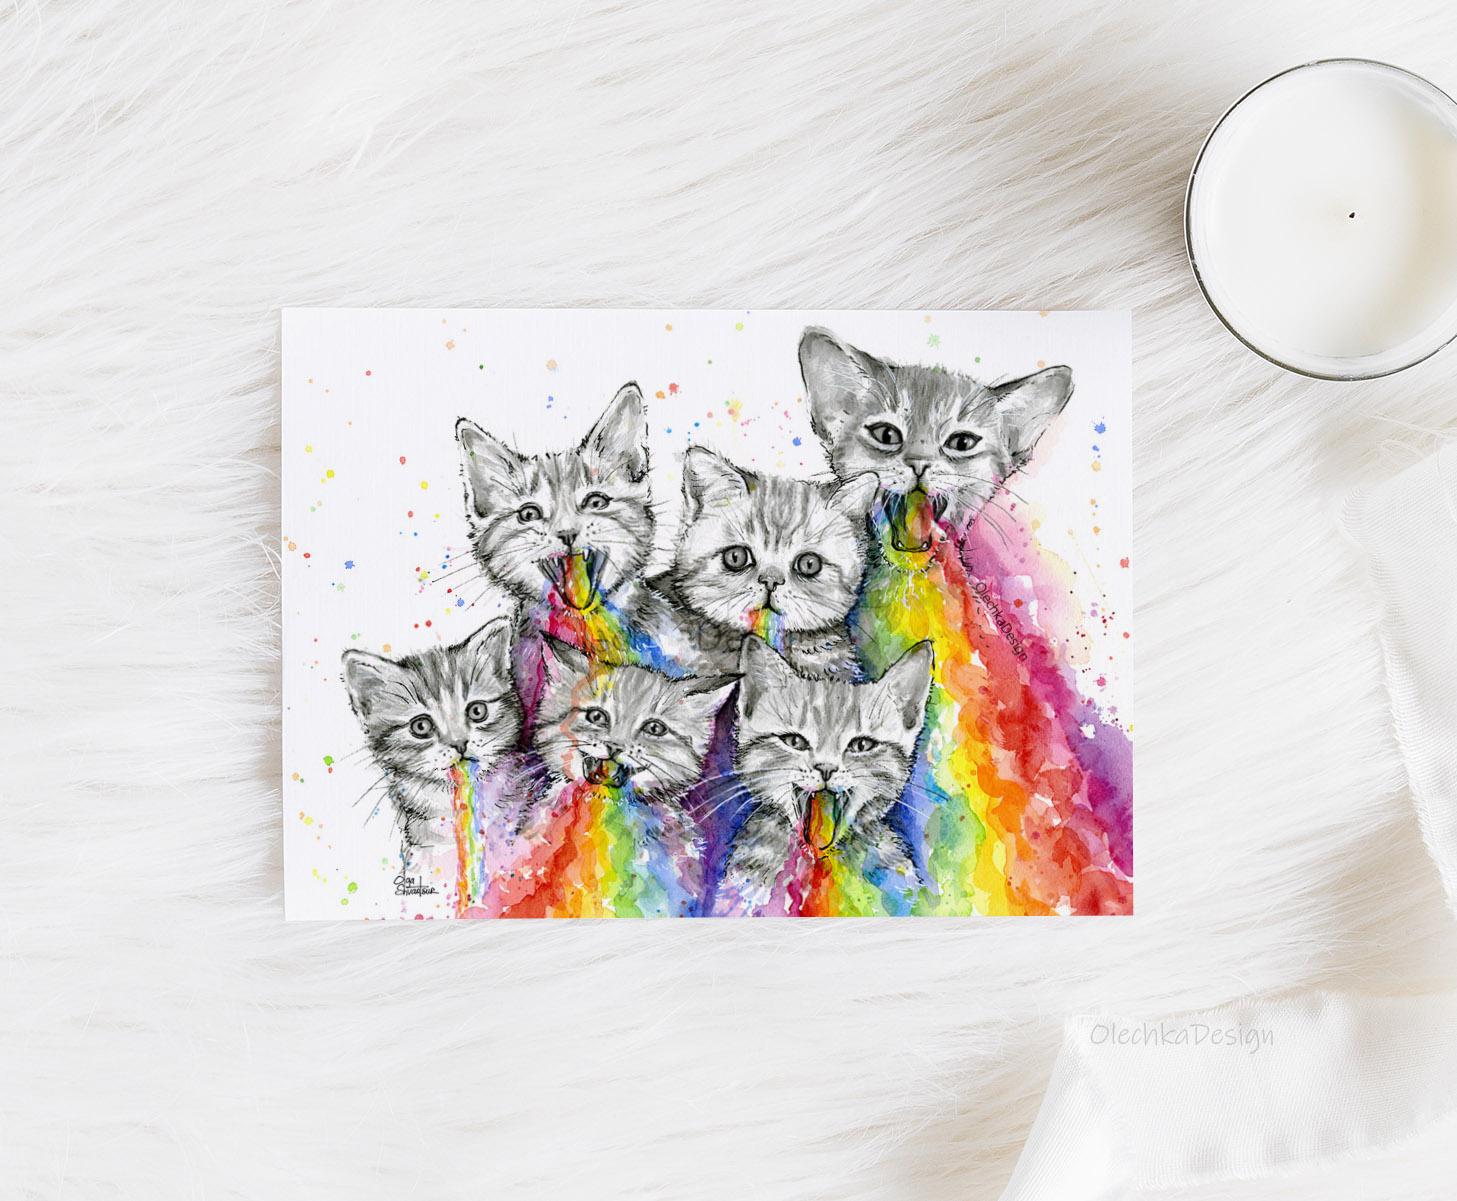 rainbow vomit kittens